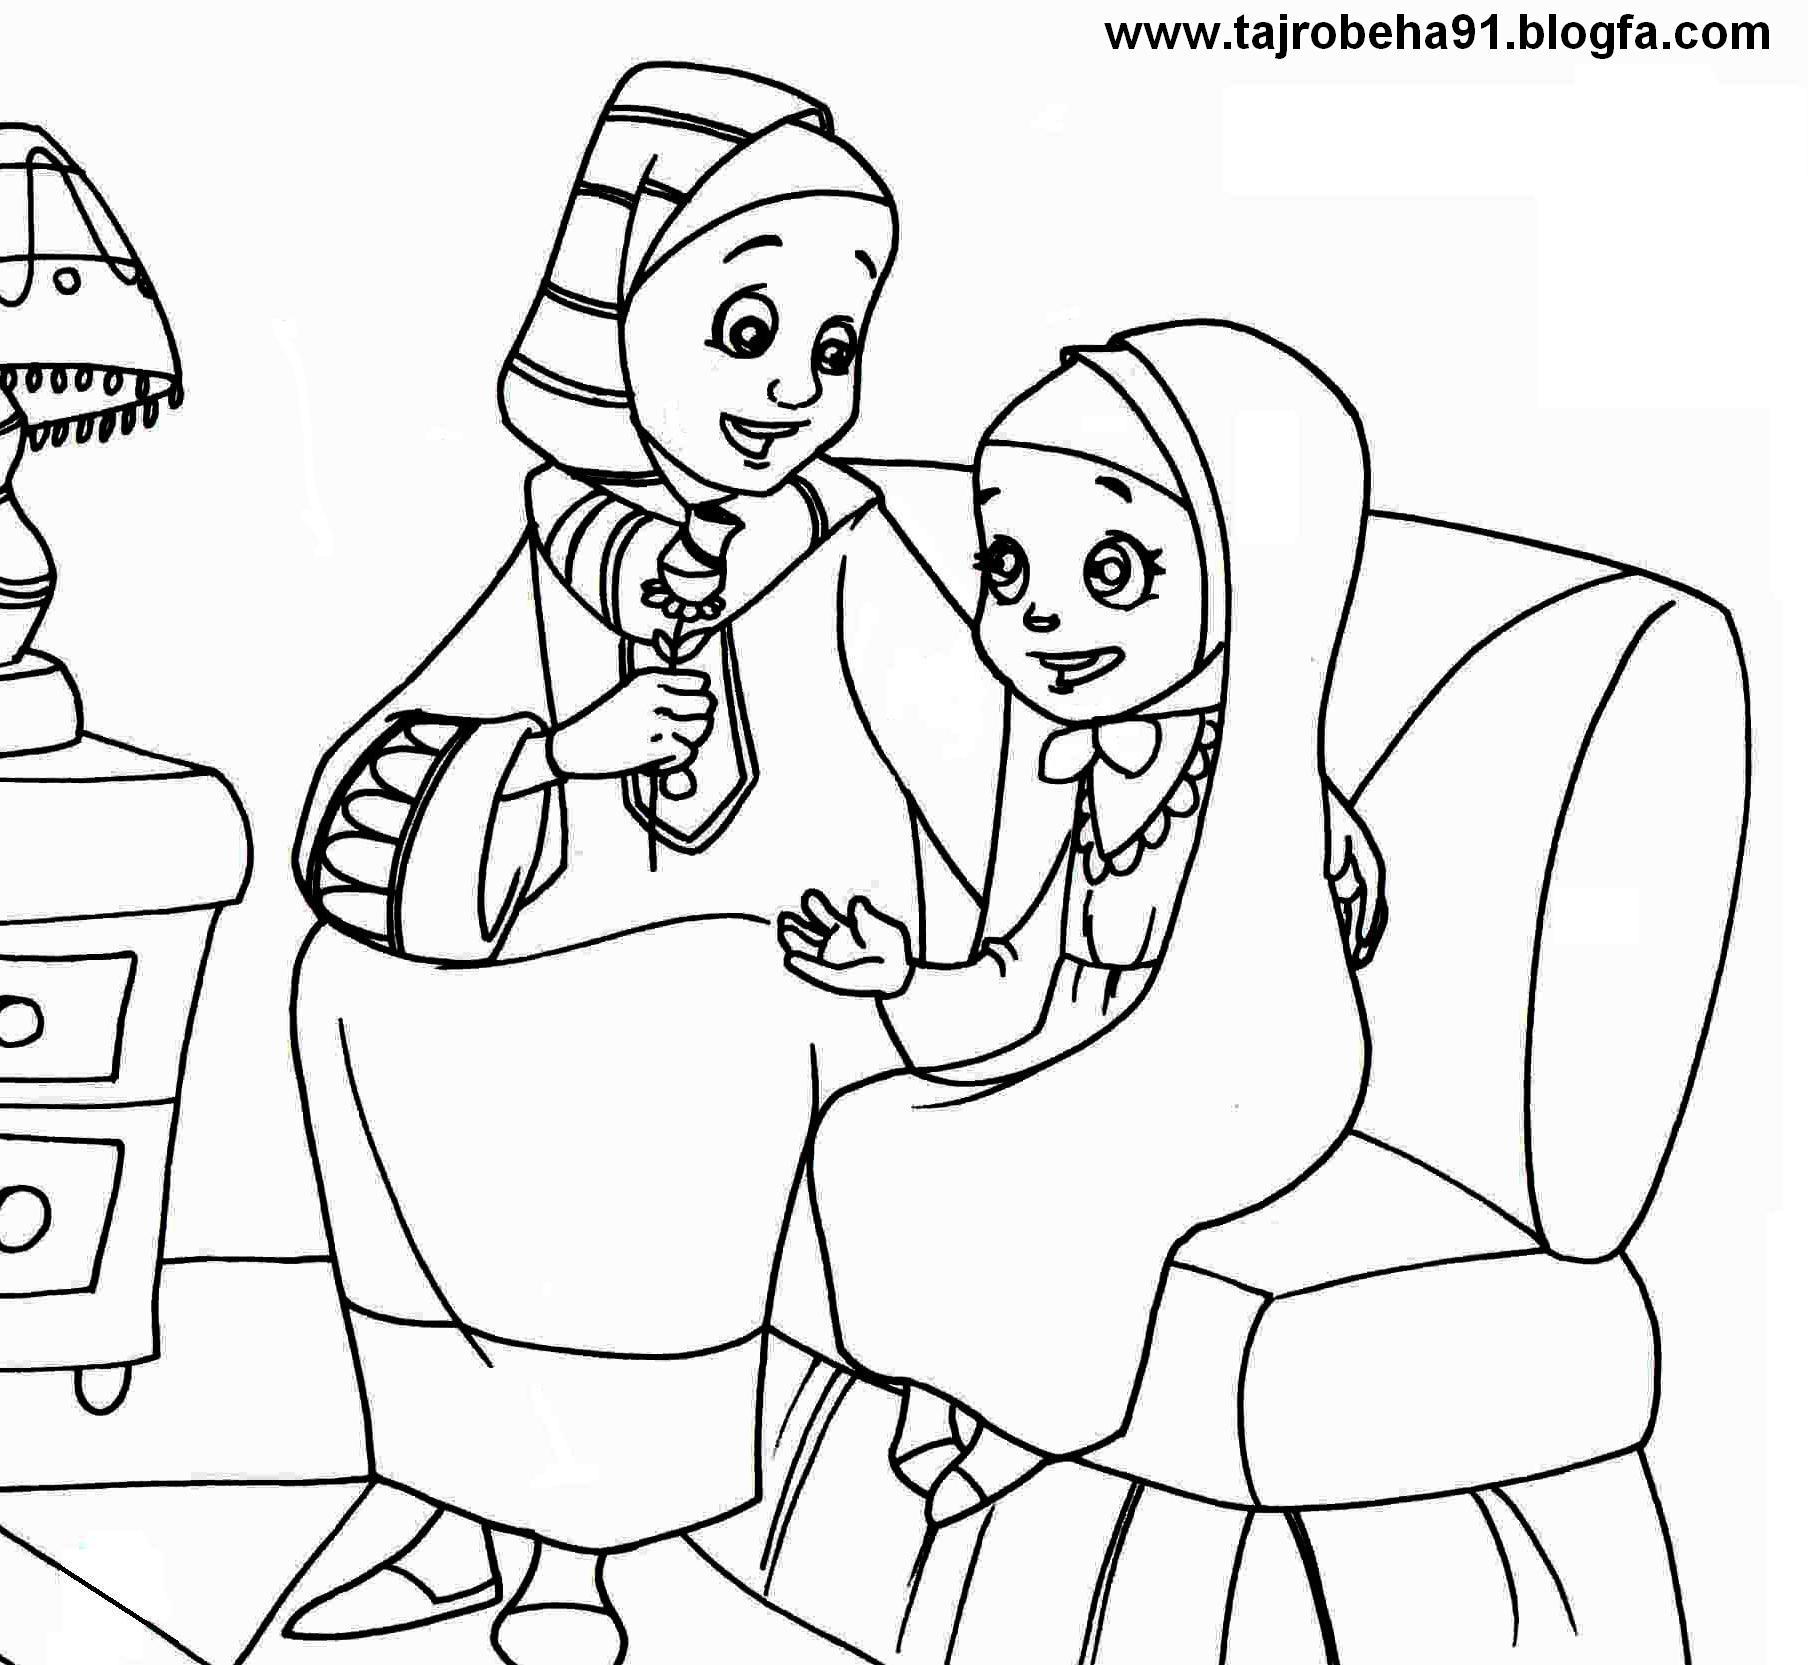 شعر در مورد برادر زاده تجربه های آموزشی قرآنی